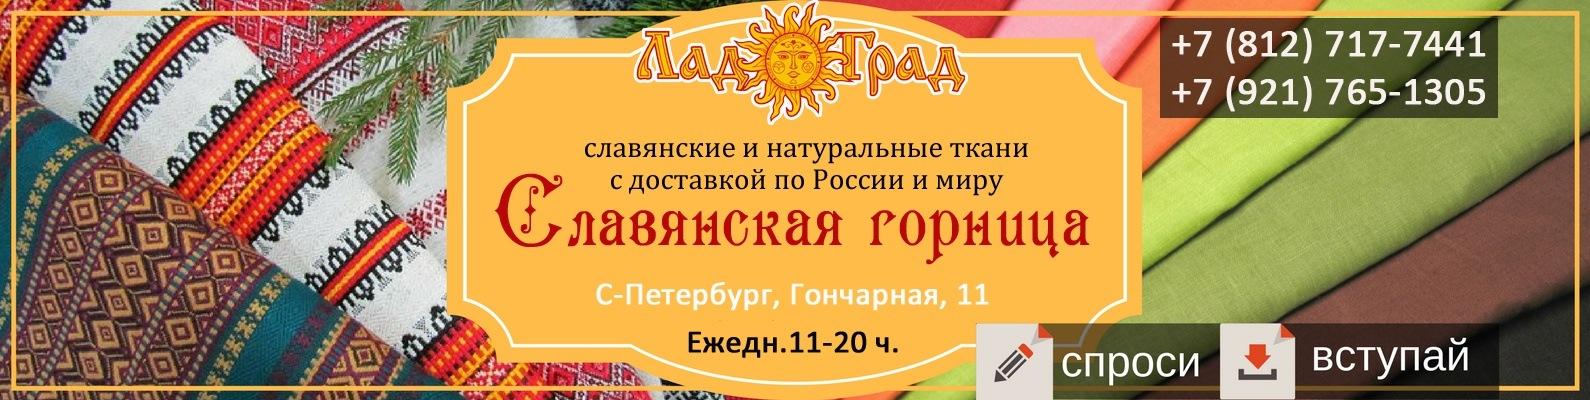 96f4139dac6f Славянская Горница|ТКАНИ|льняные|хб|слав.узоры | ВКонтакте